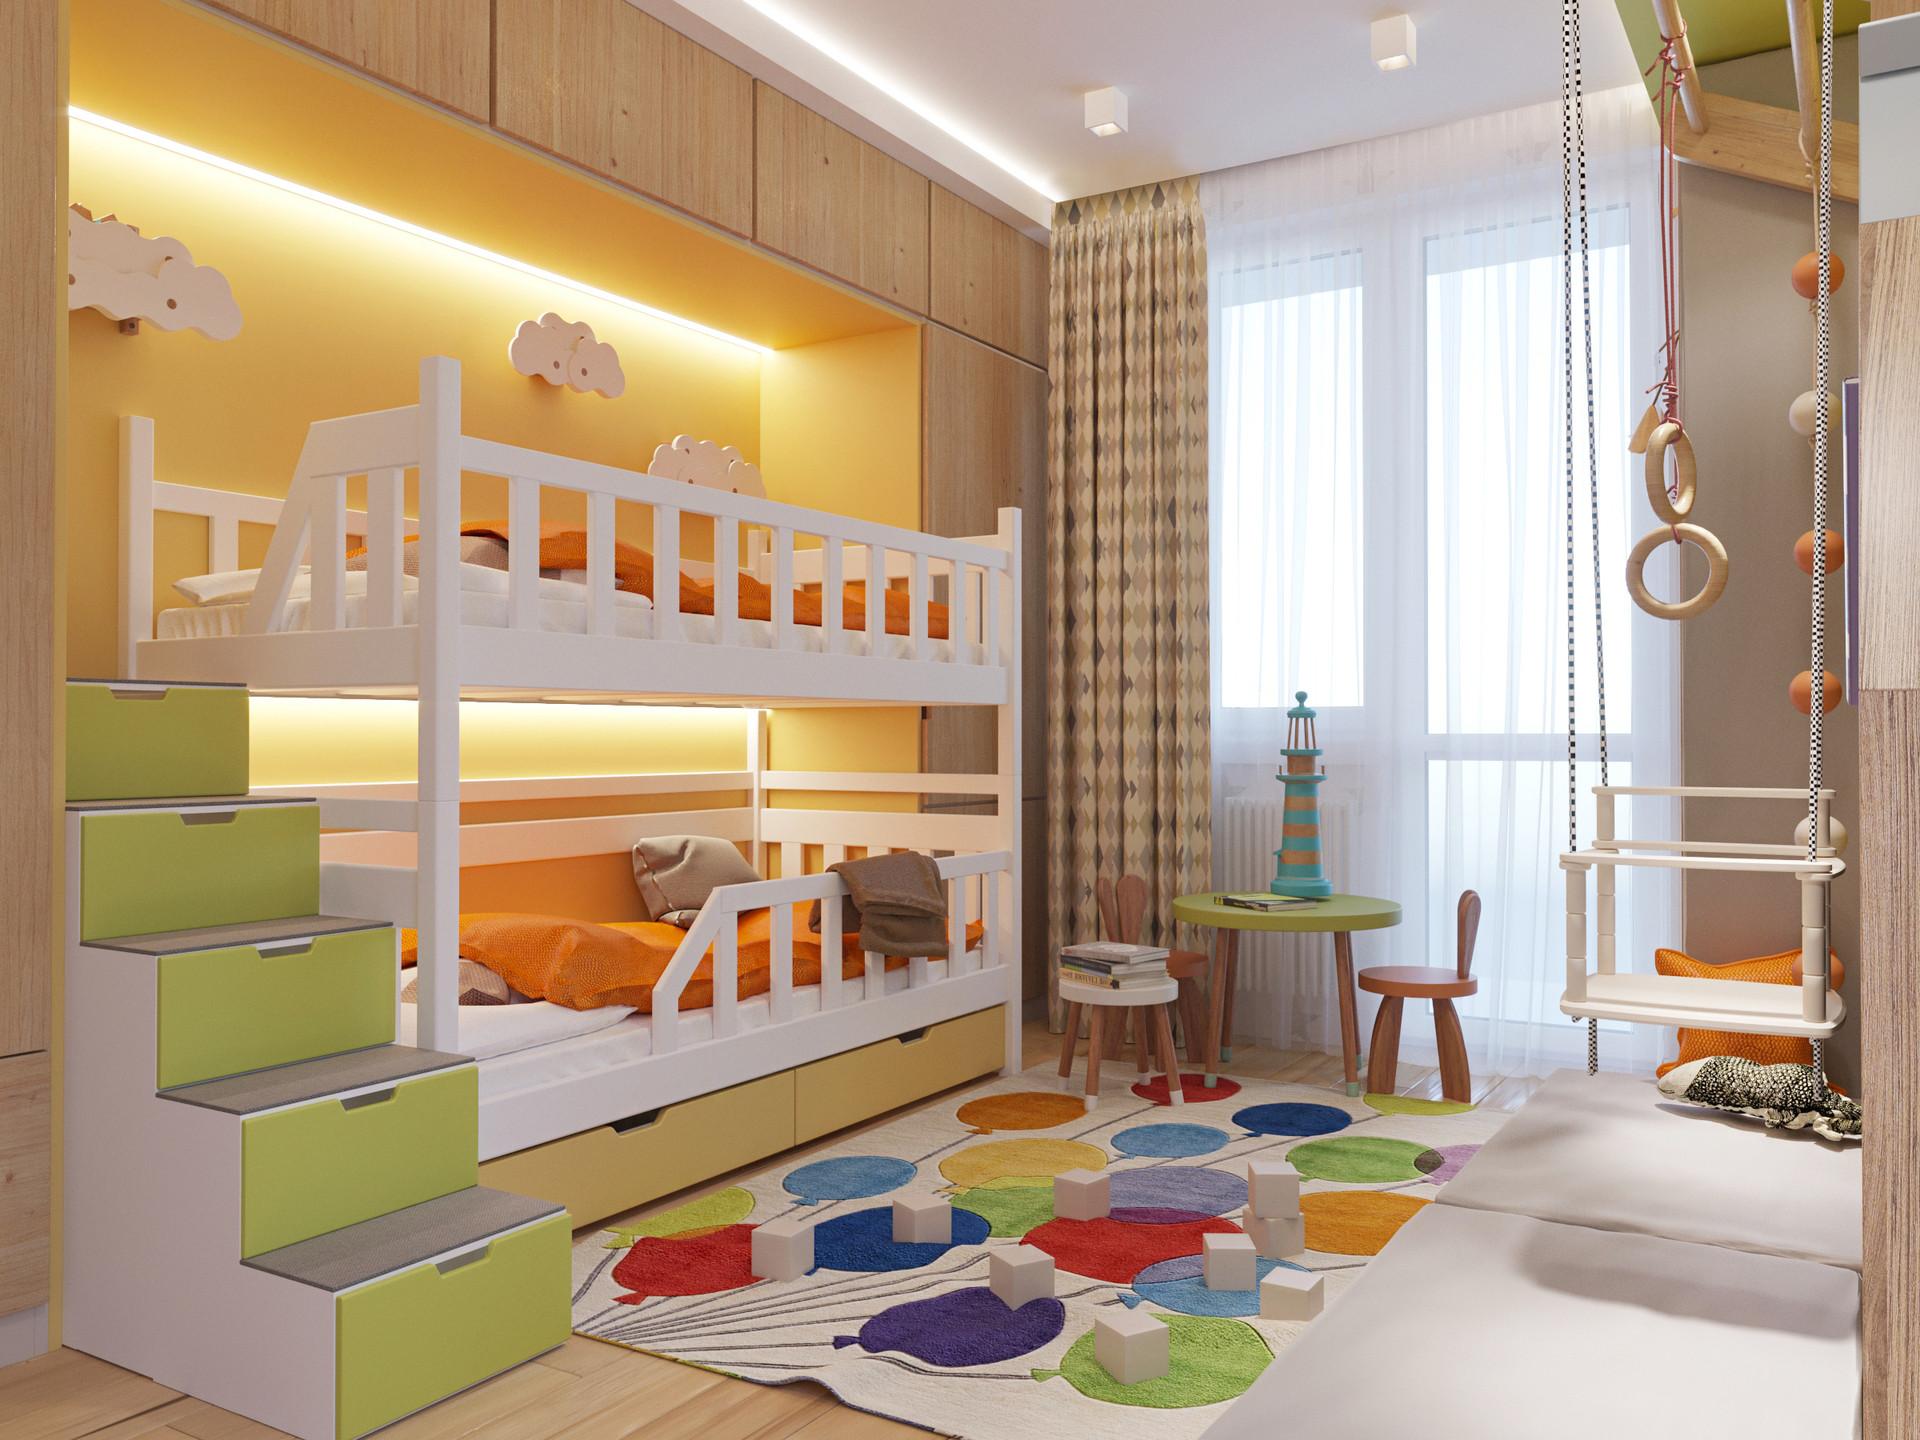 Квартира в ЖК Преображенский, 85 м2. Детская